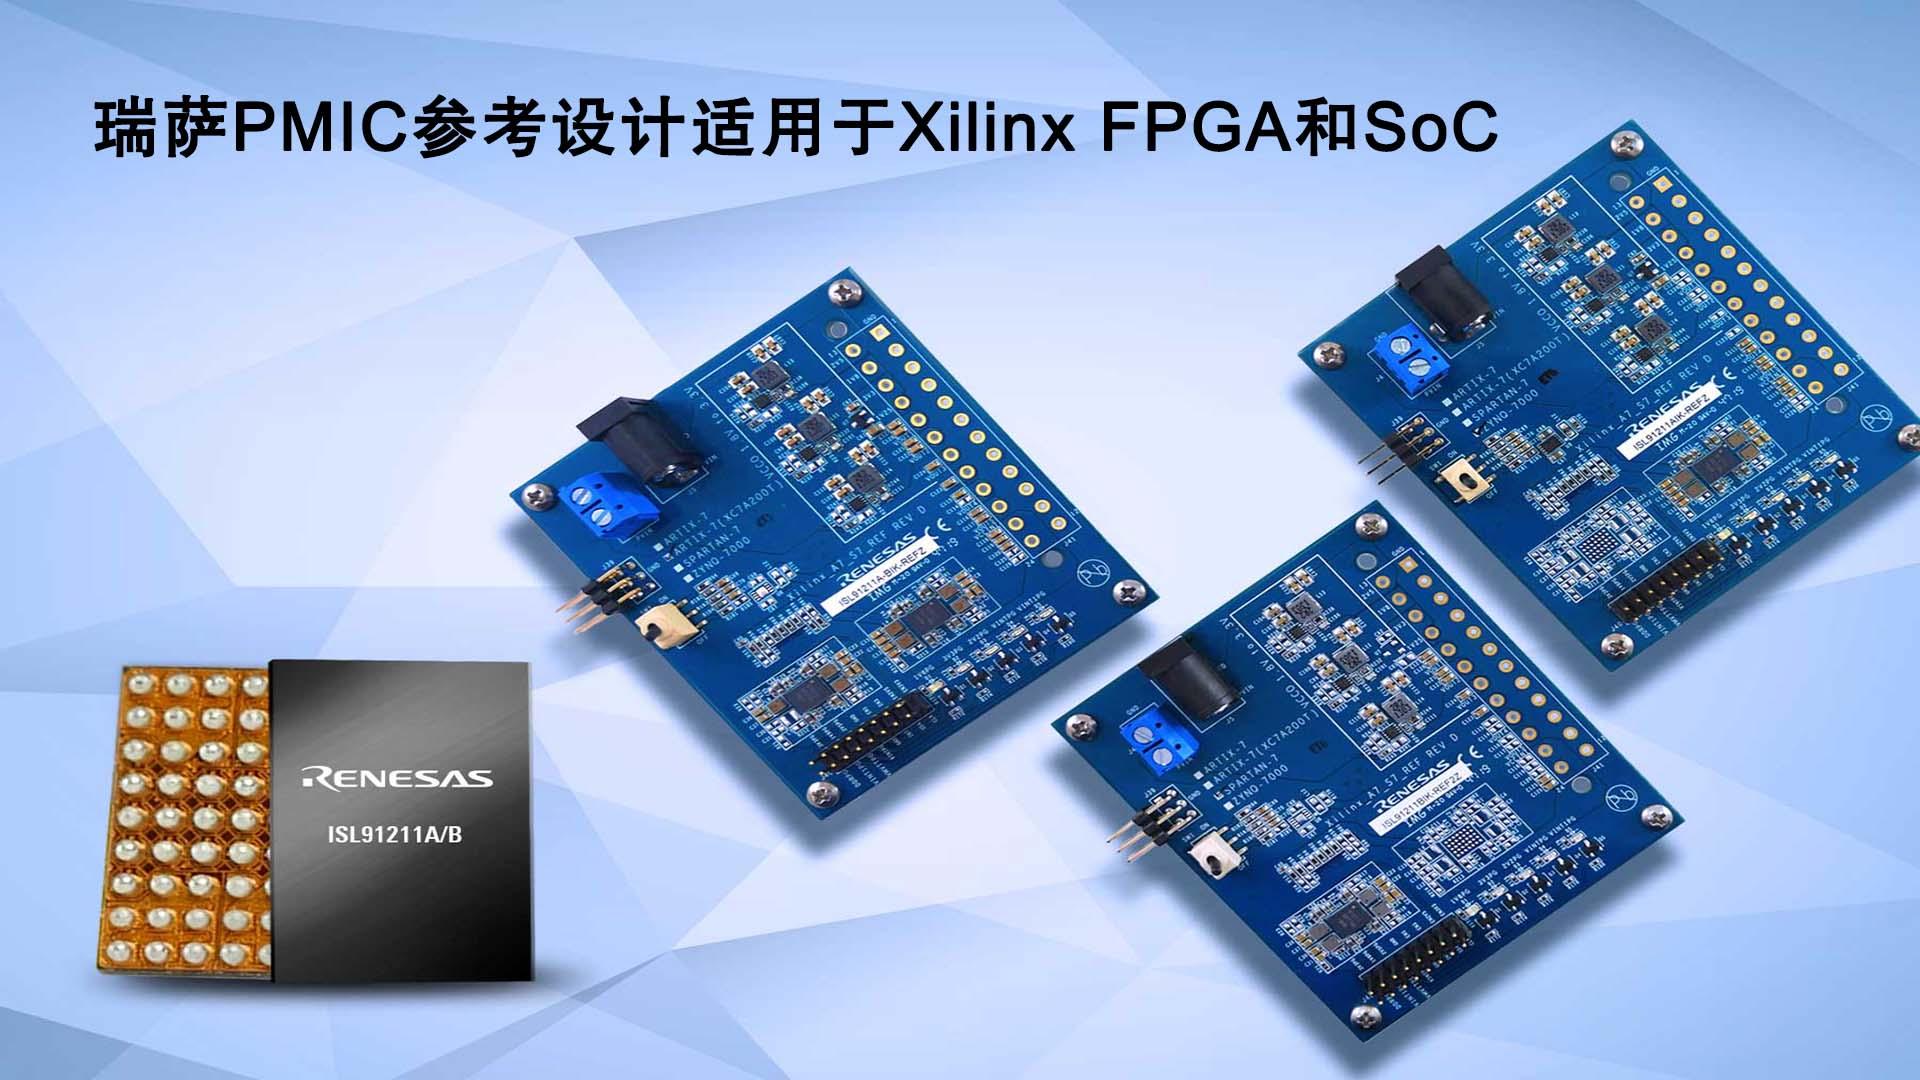 瑞萨PMIC参考设计适用于Xilinx FPGA和SoC.jpg